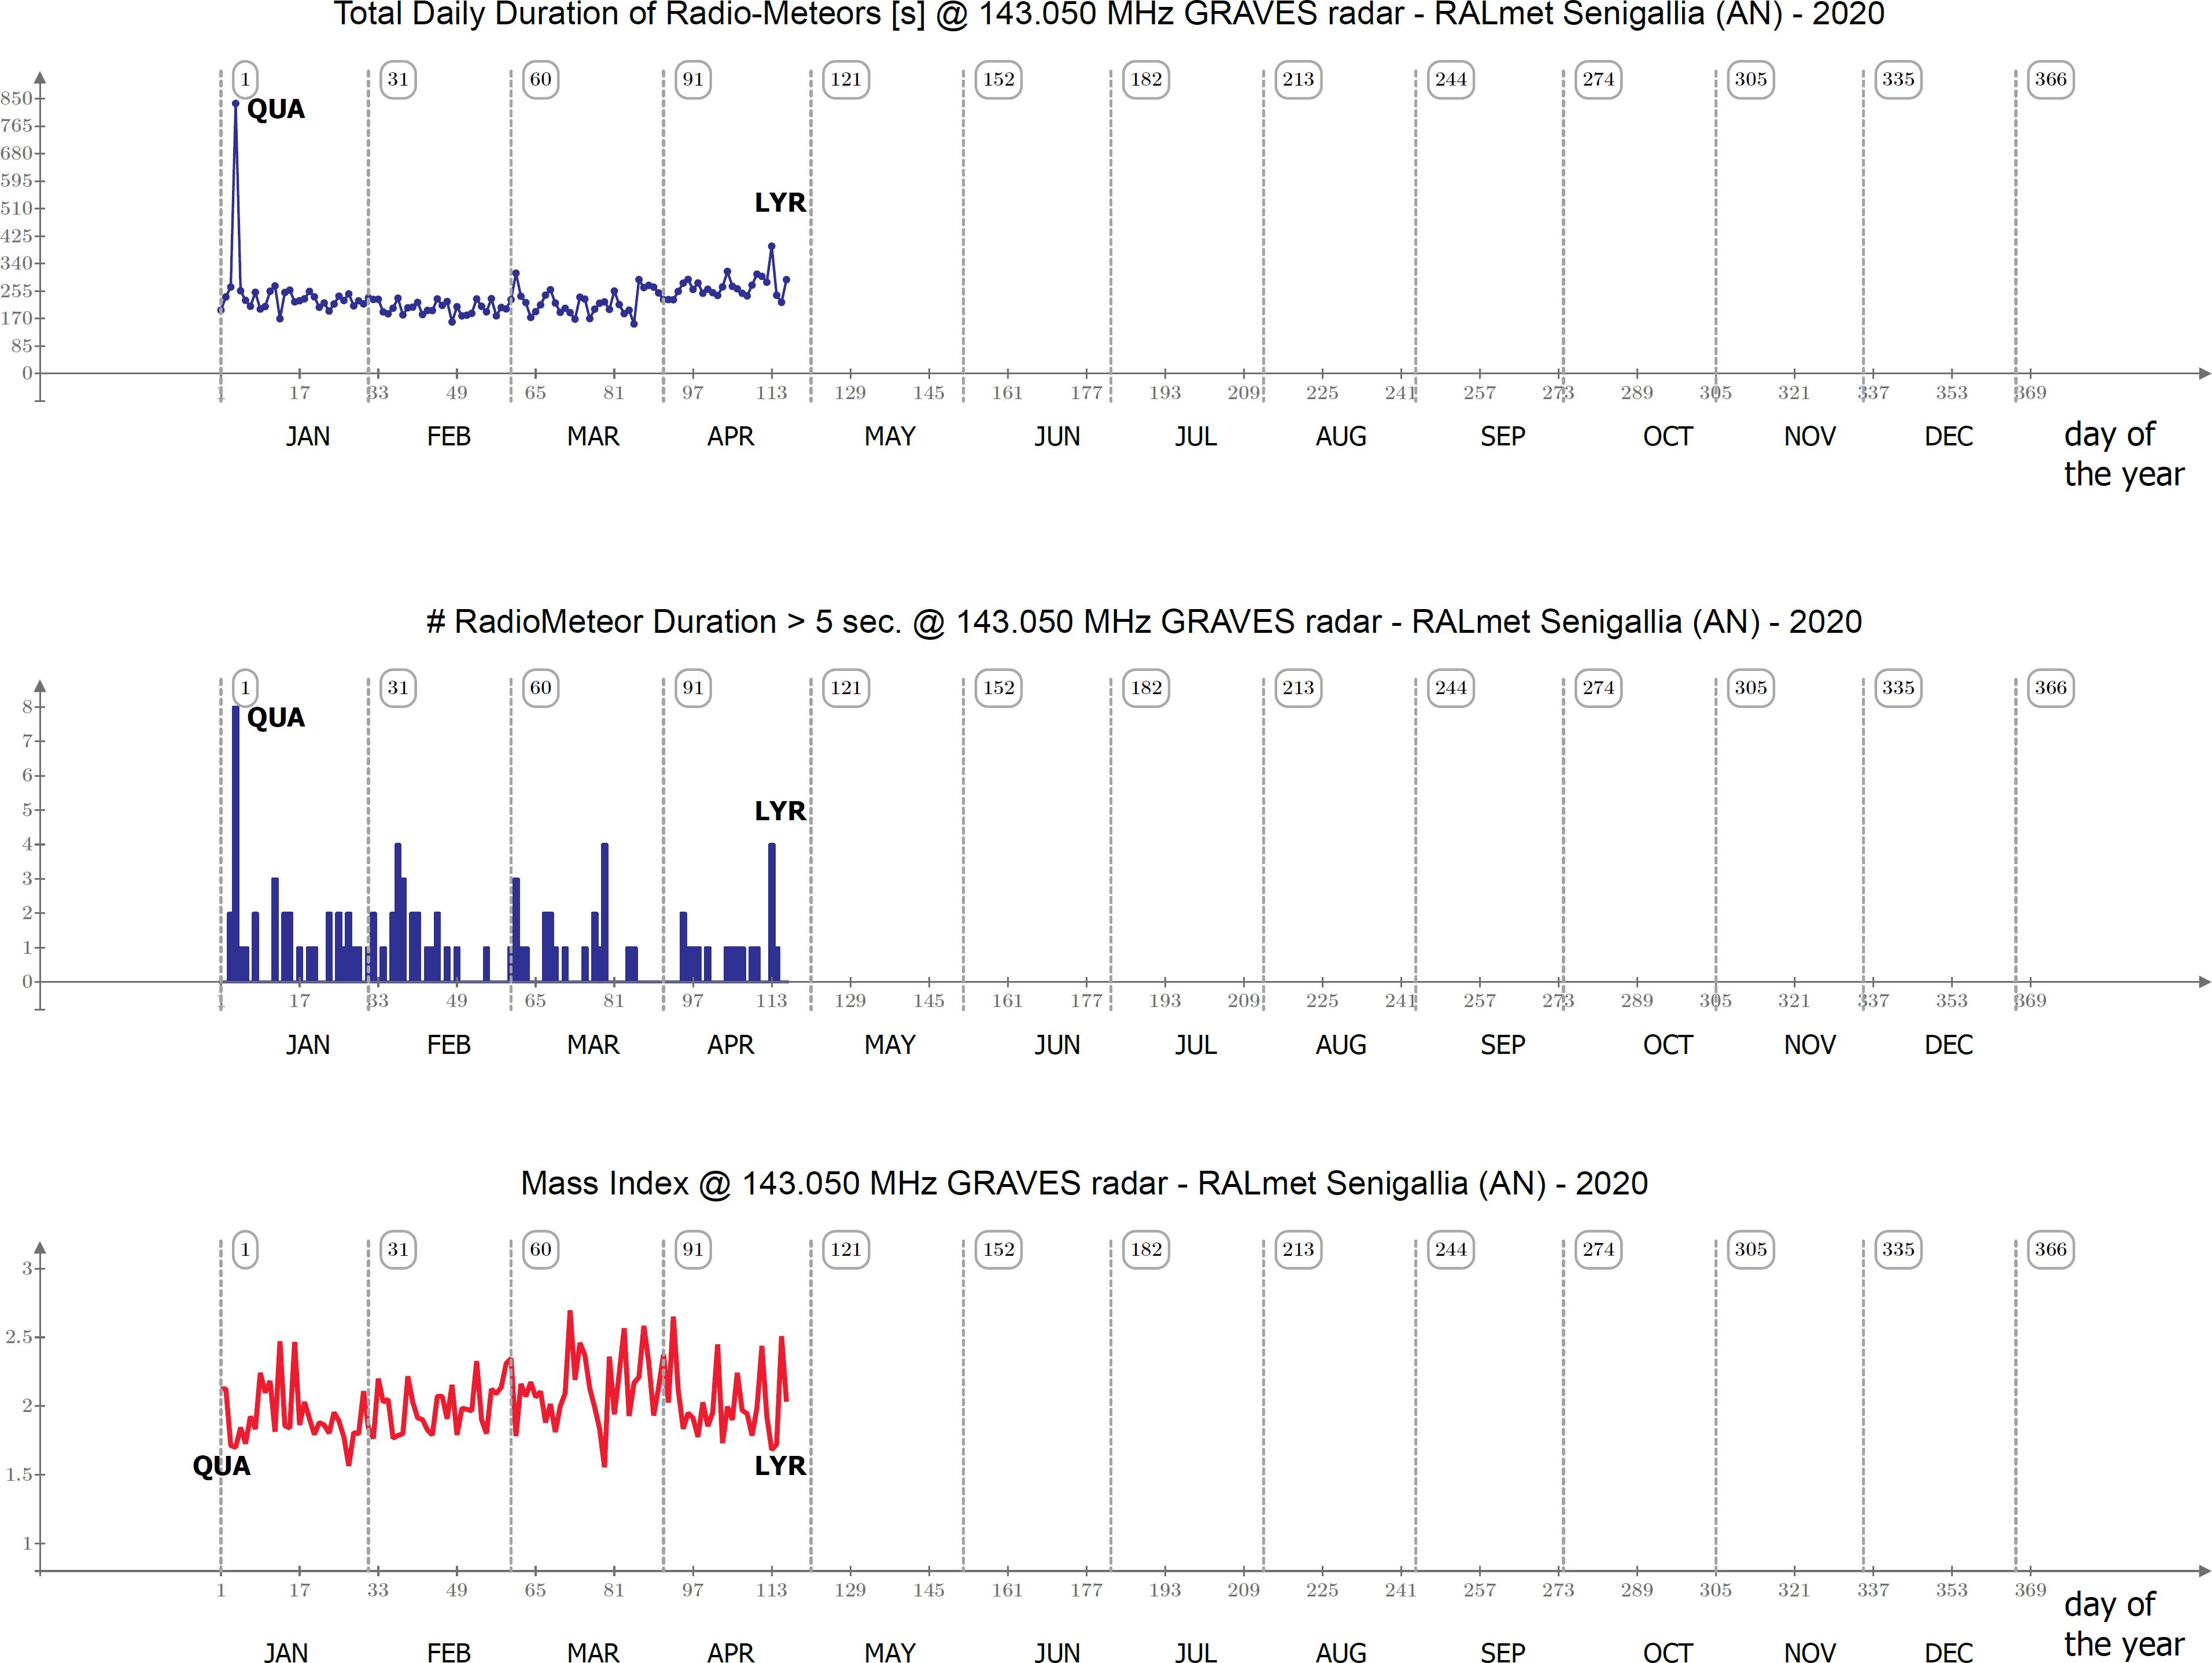 """Durate giornaliere, frequenze dei """"radio-bolidi"""" e indice di massa delle radiometeore catturate dall'inizio dell'anno."""